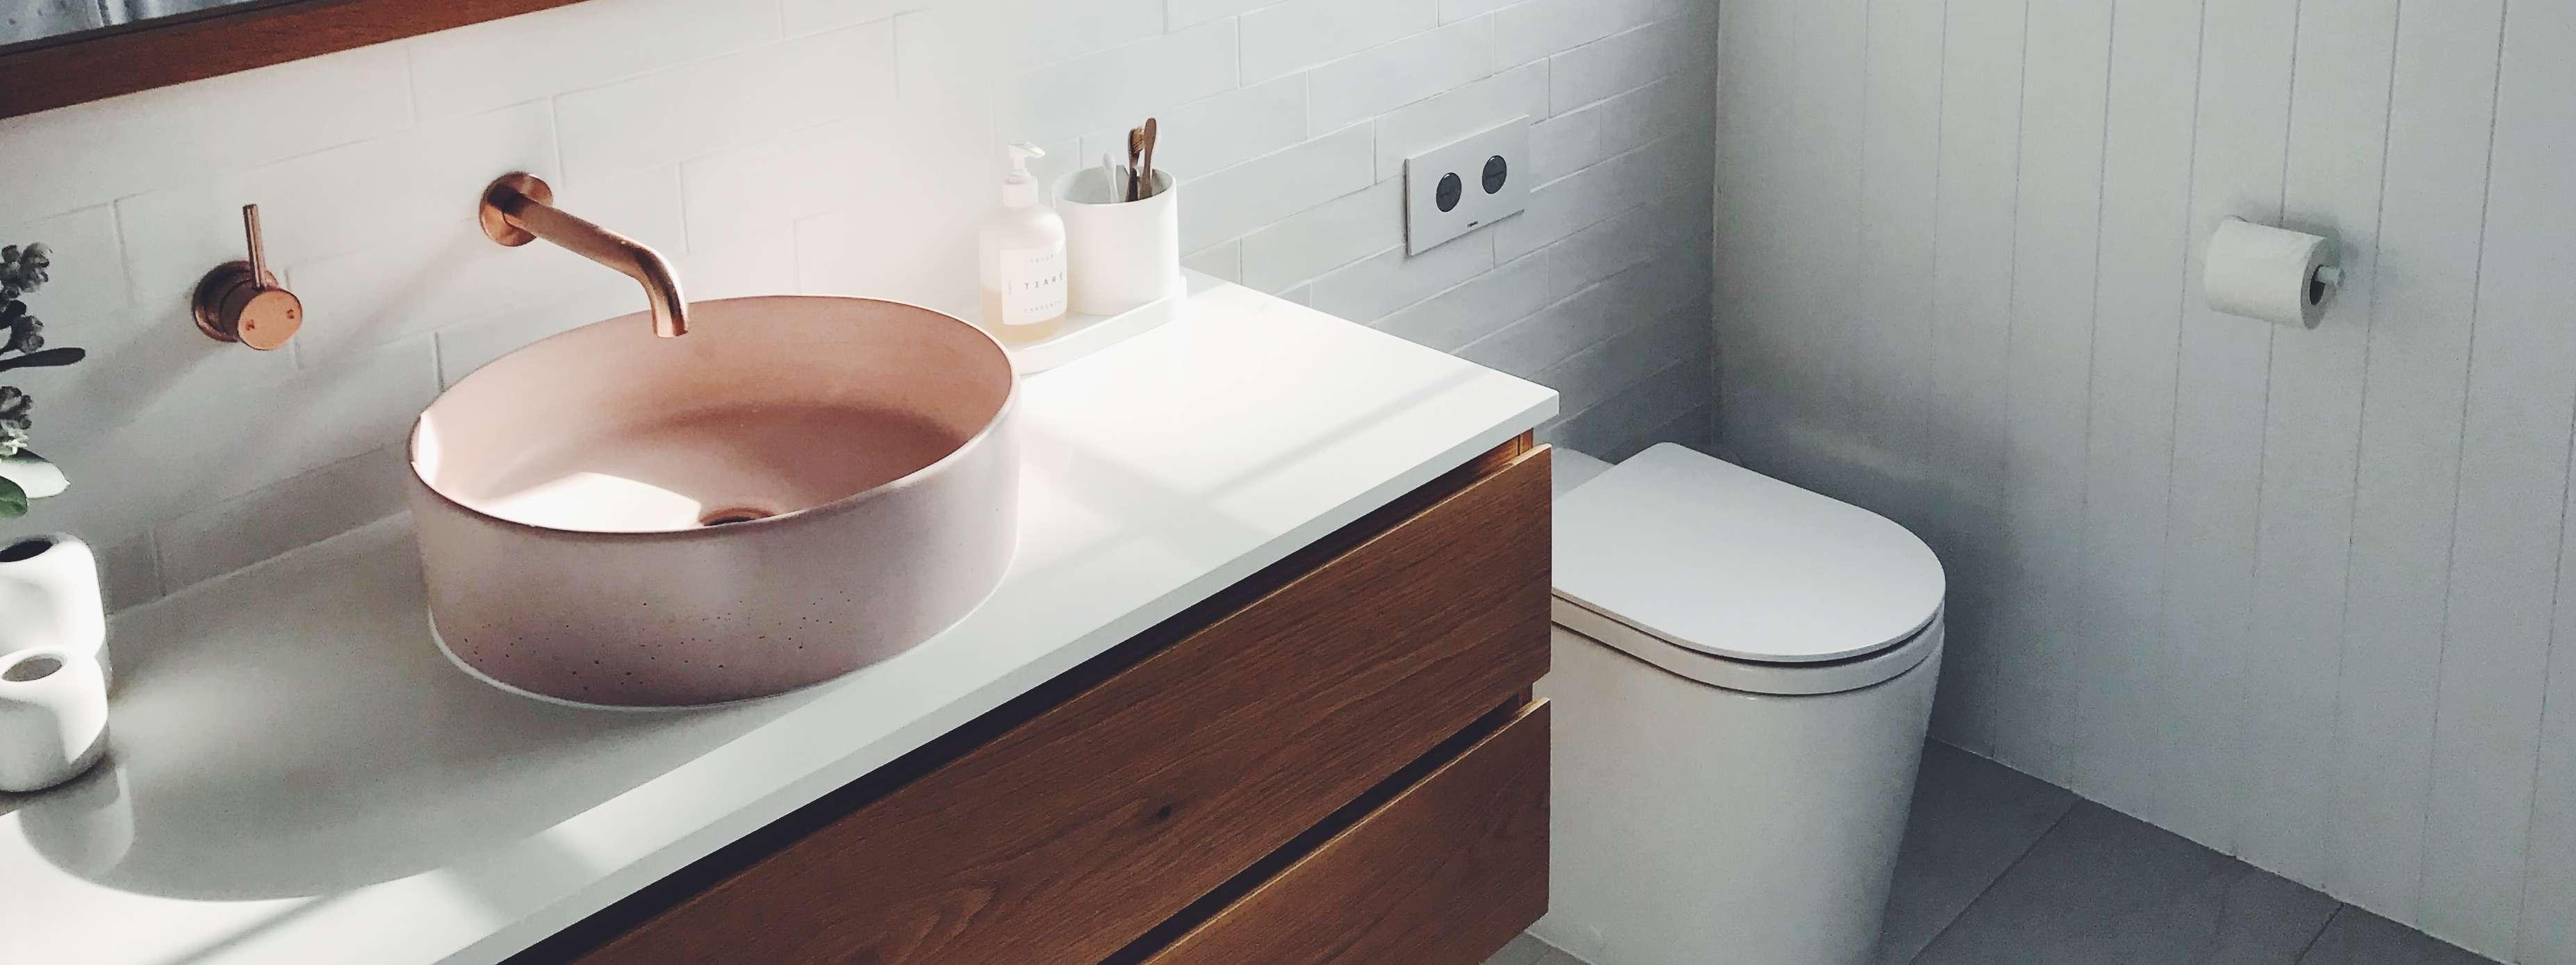 WC, lave-mains et évier